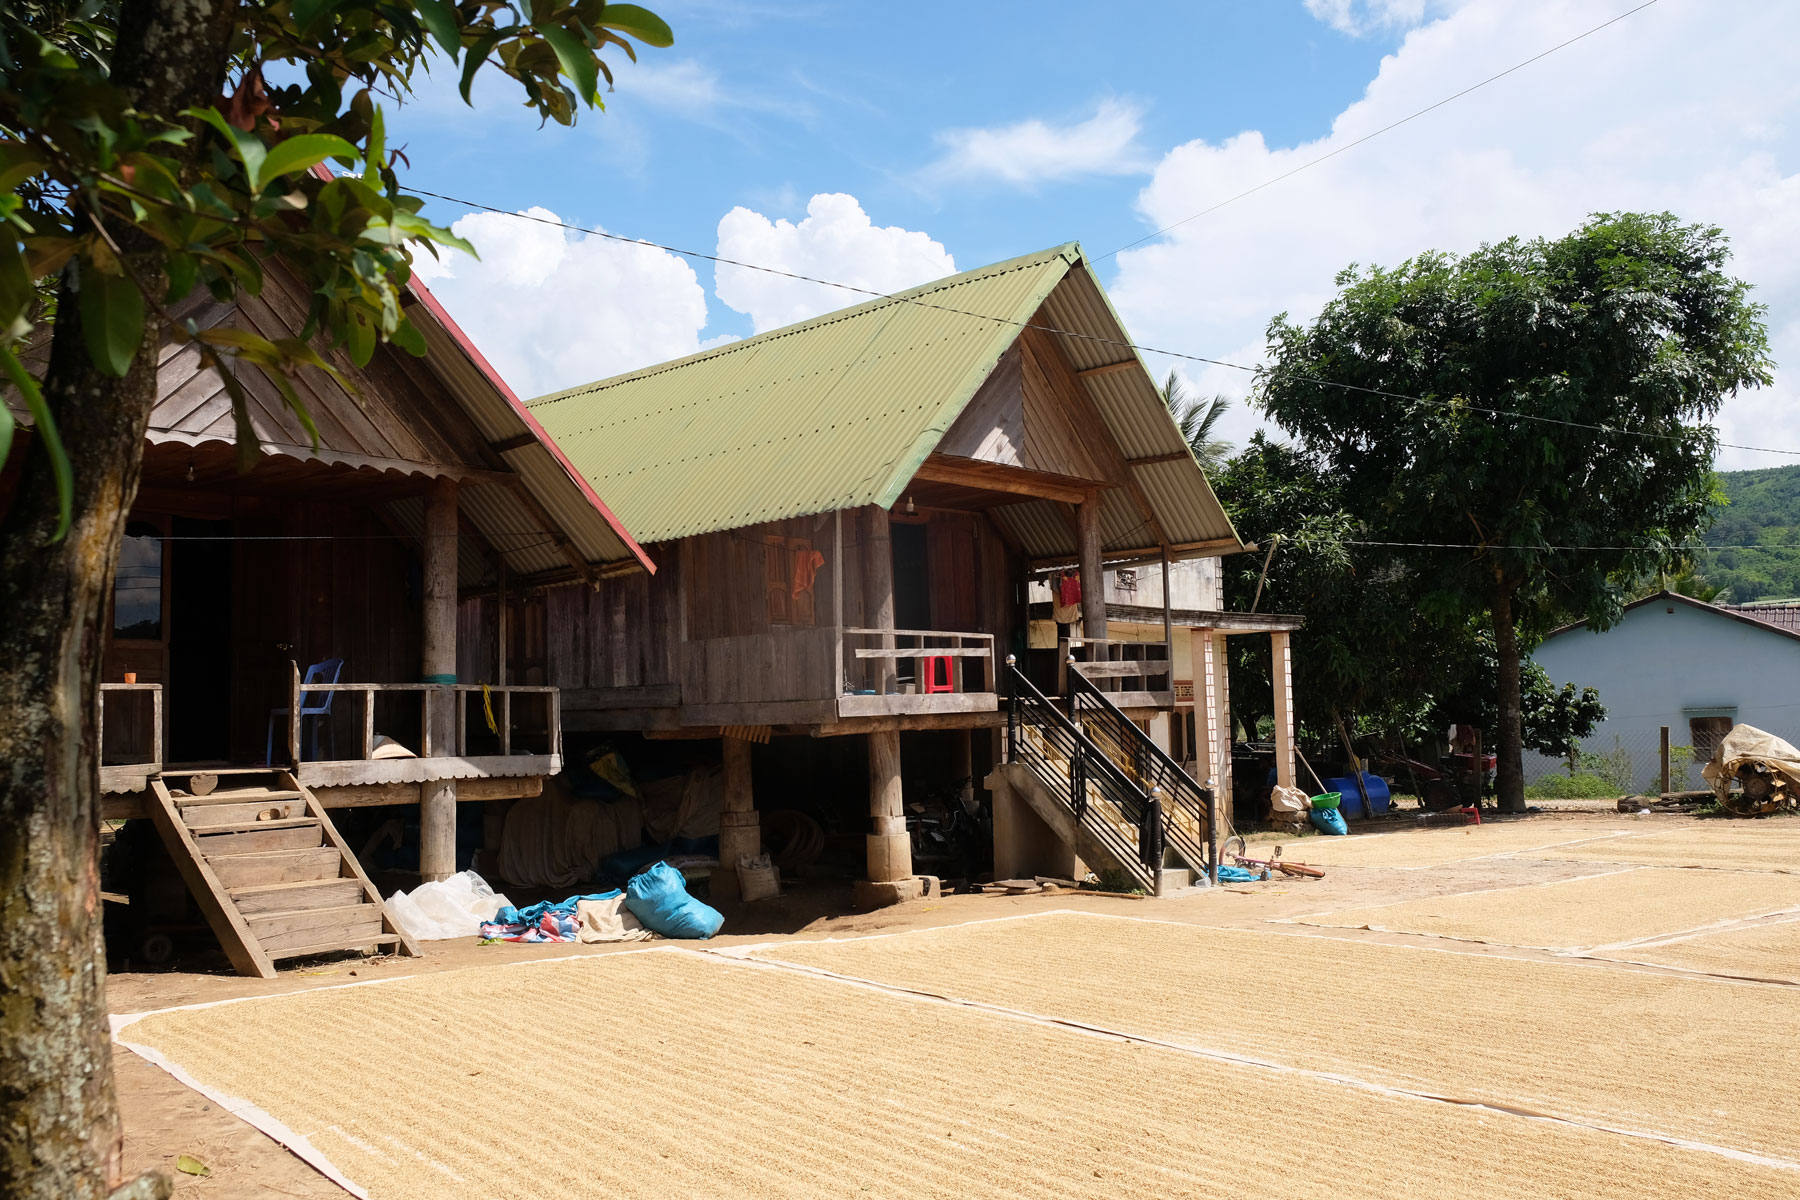 Vor zwei Stelzenhäusern aus Holz liegen riesige Planen, auf denen Reis in der Sonne trocknet.